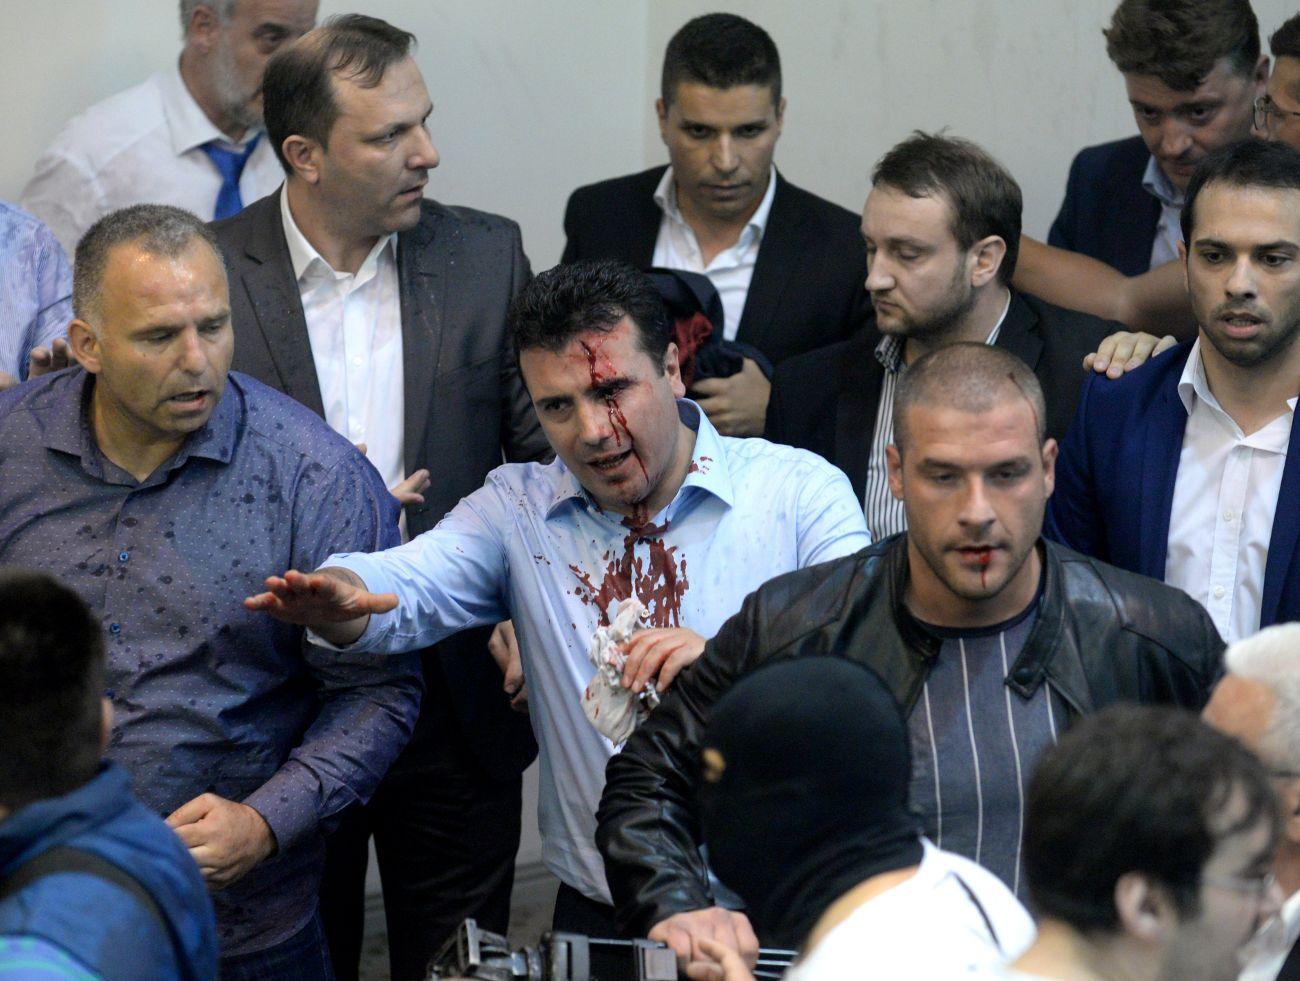 Zoran Zajevs parti har bildat majoritet tillsammans med albaner. Men alliansen möter dagligen protester från makedonska nationalister, enligt Reuters. Albaner utgör en tredjedel av landets befolkning. AFP PHOTO / Robert ATANASOVSKI / TT